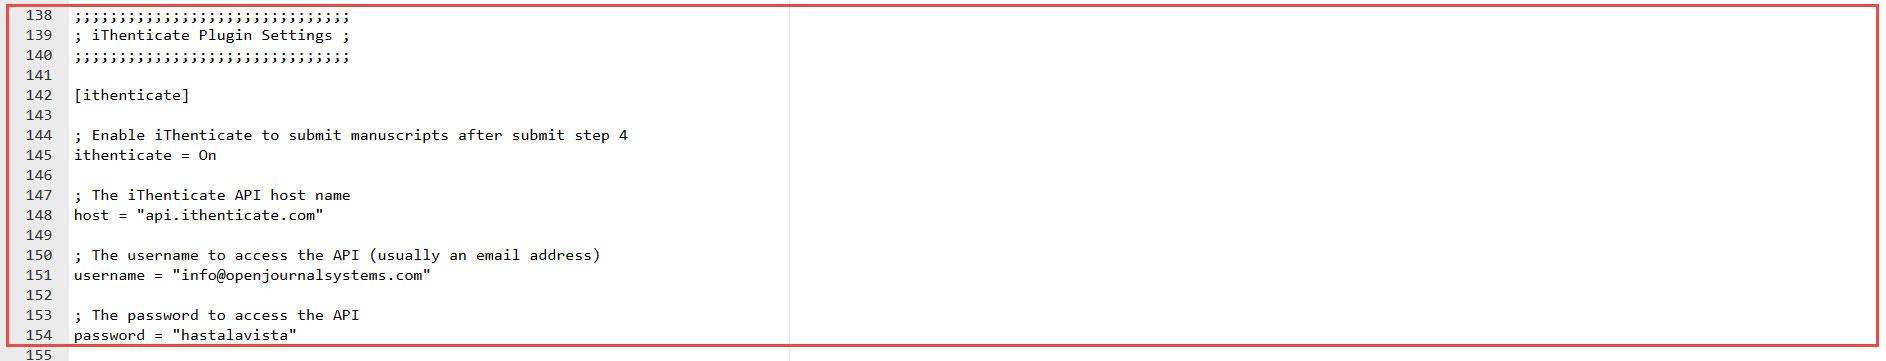 OJS 3.x iThenticate plugin configuration